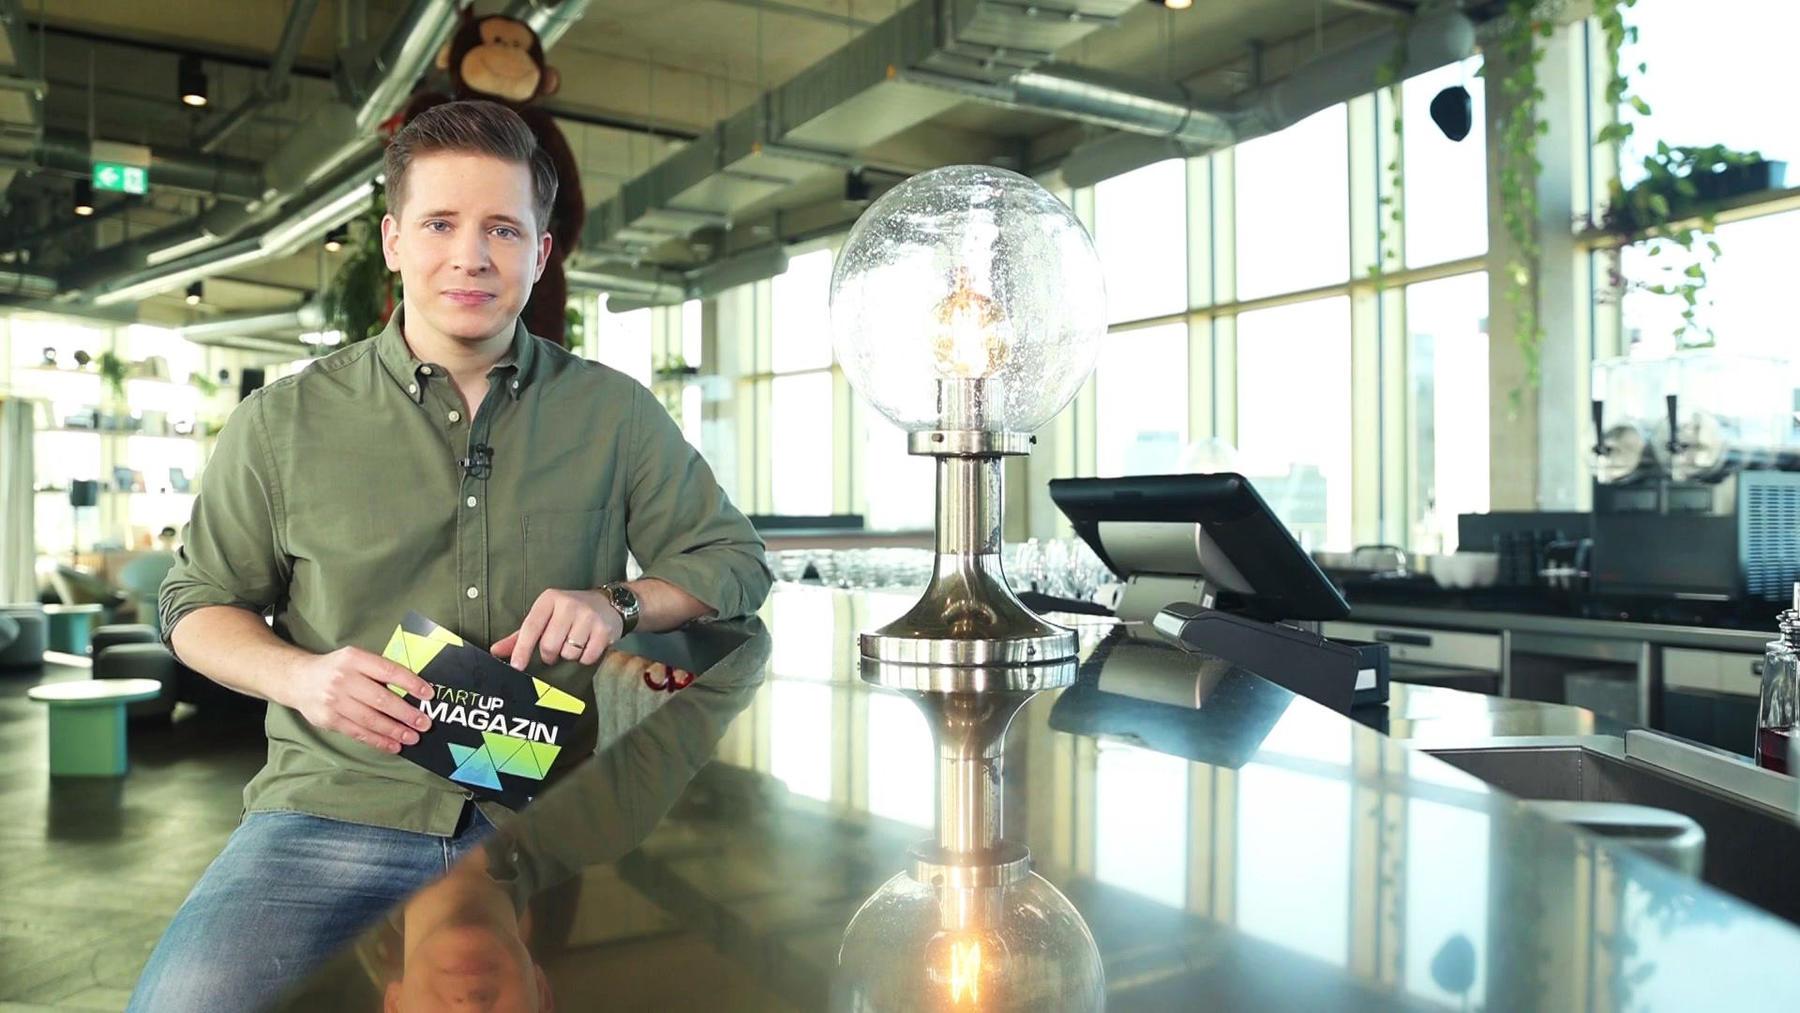 Thema u.a.: Rittec - Ein Startup revolutioniert das Plastikrecycling